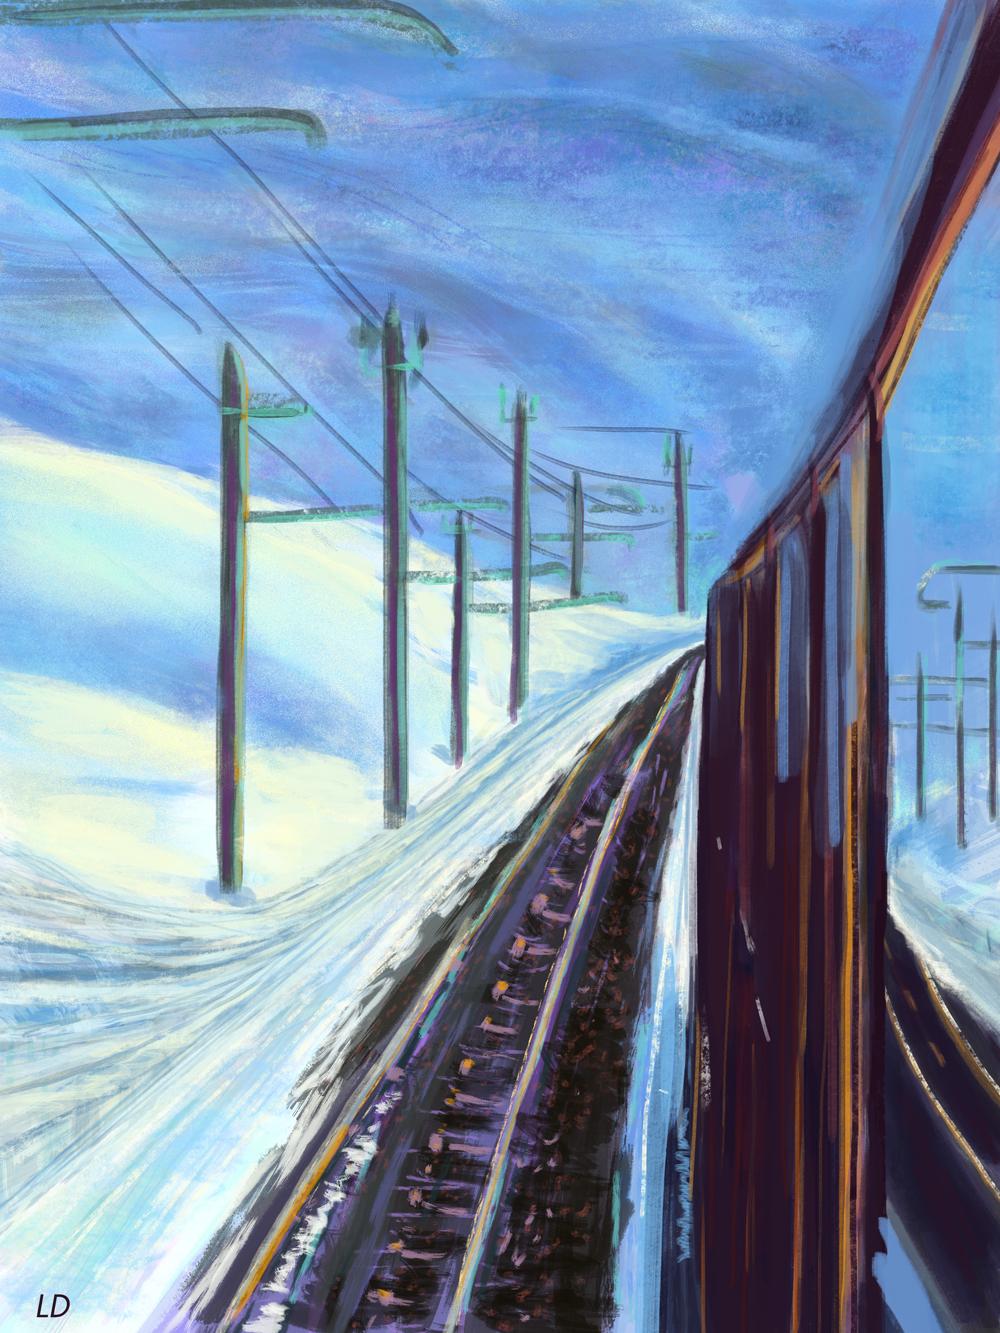 Richtung Gornergrat. Peinture digitale, 43x57, 2018